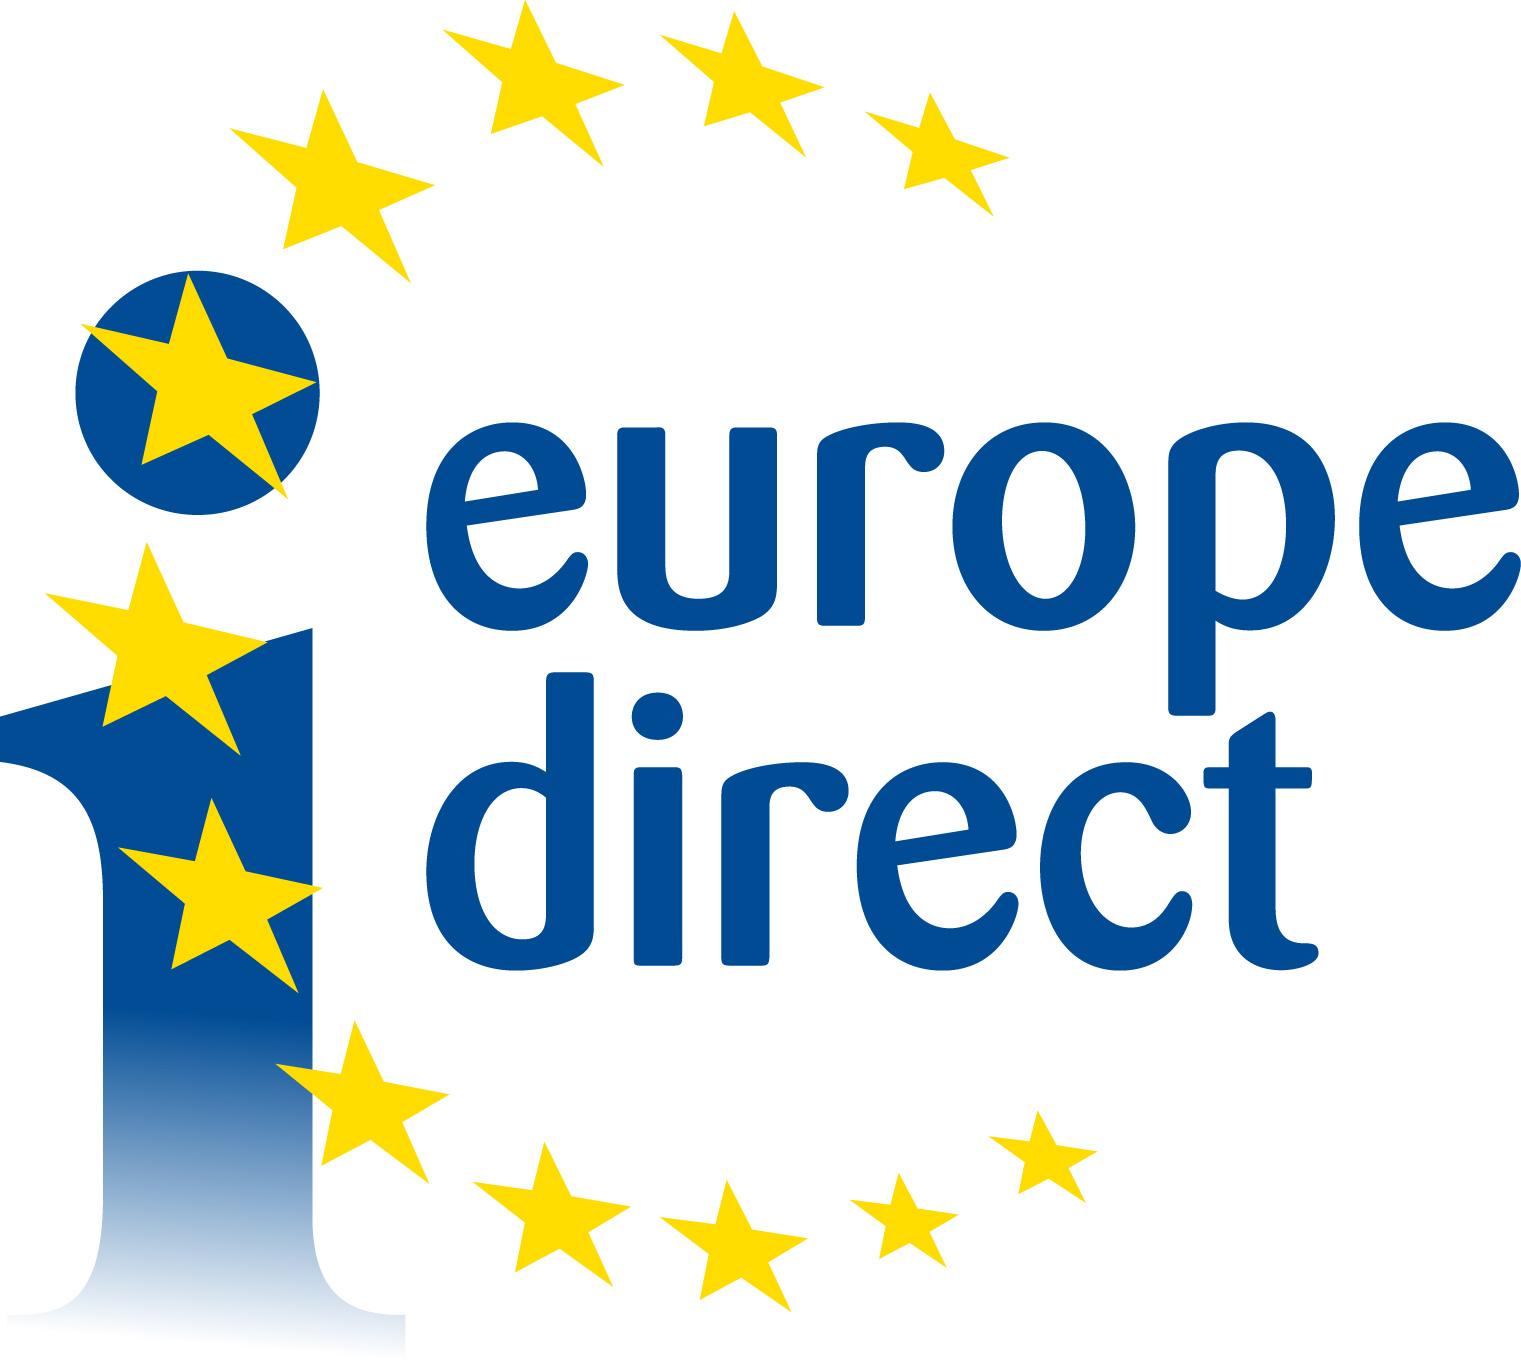 Risultato immagini per europe direct